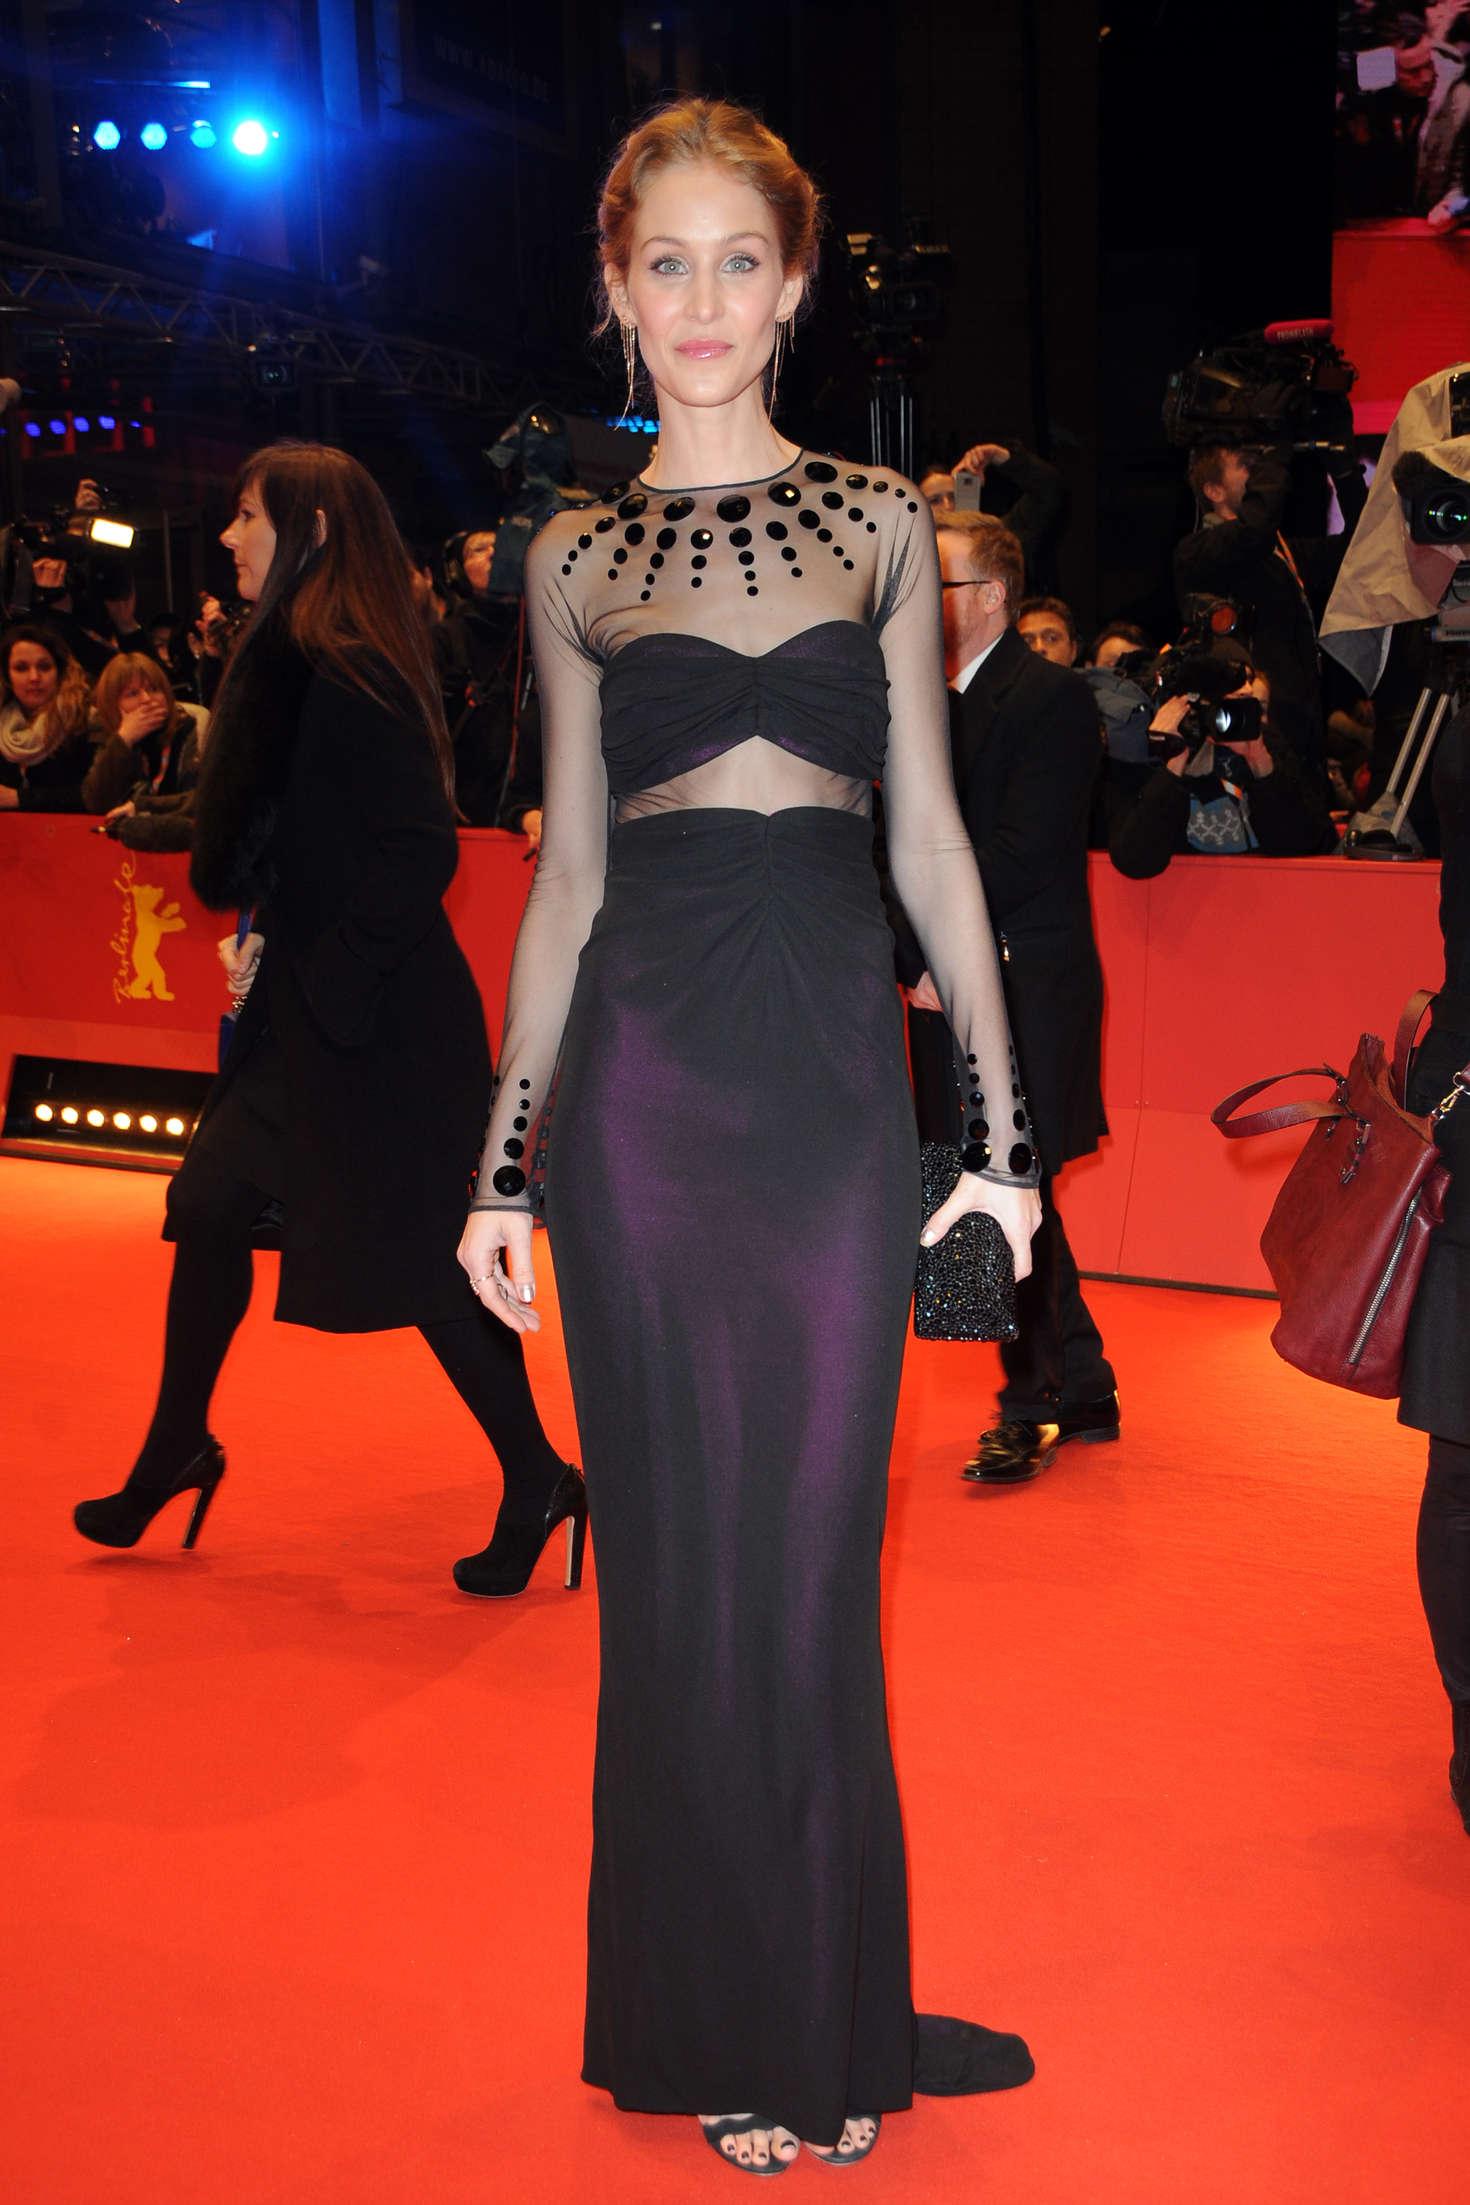 Kathryn Boyd Hail Caesar Premiere at the Berlin Film Festival